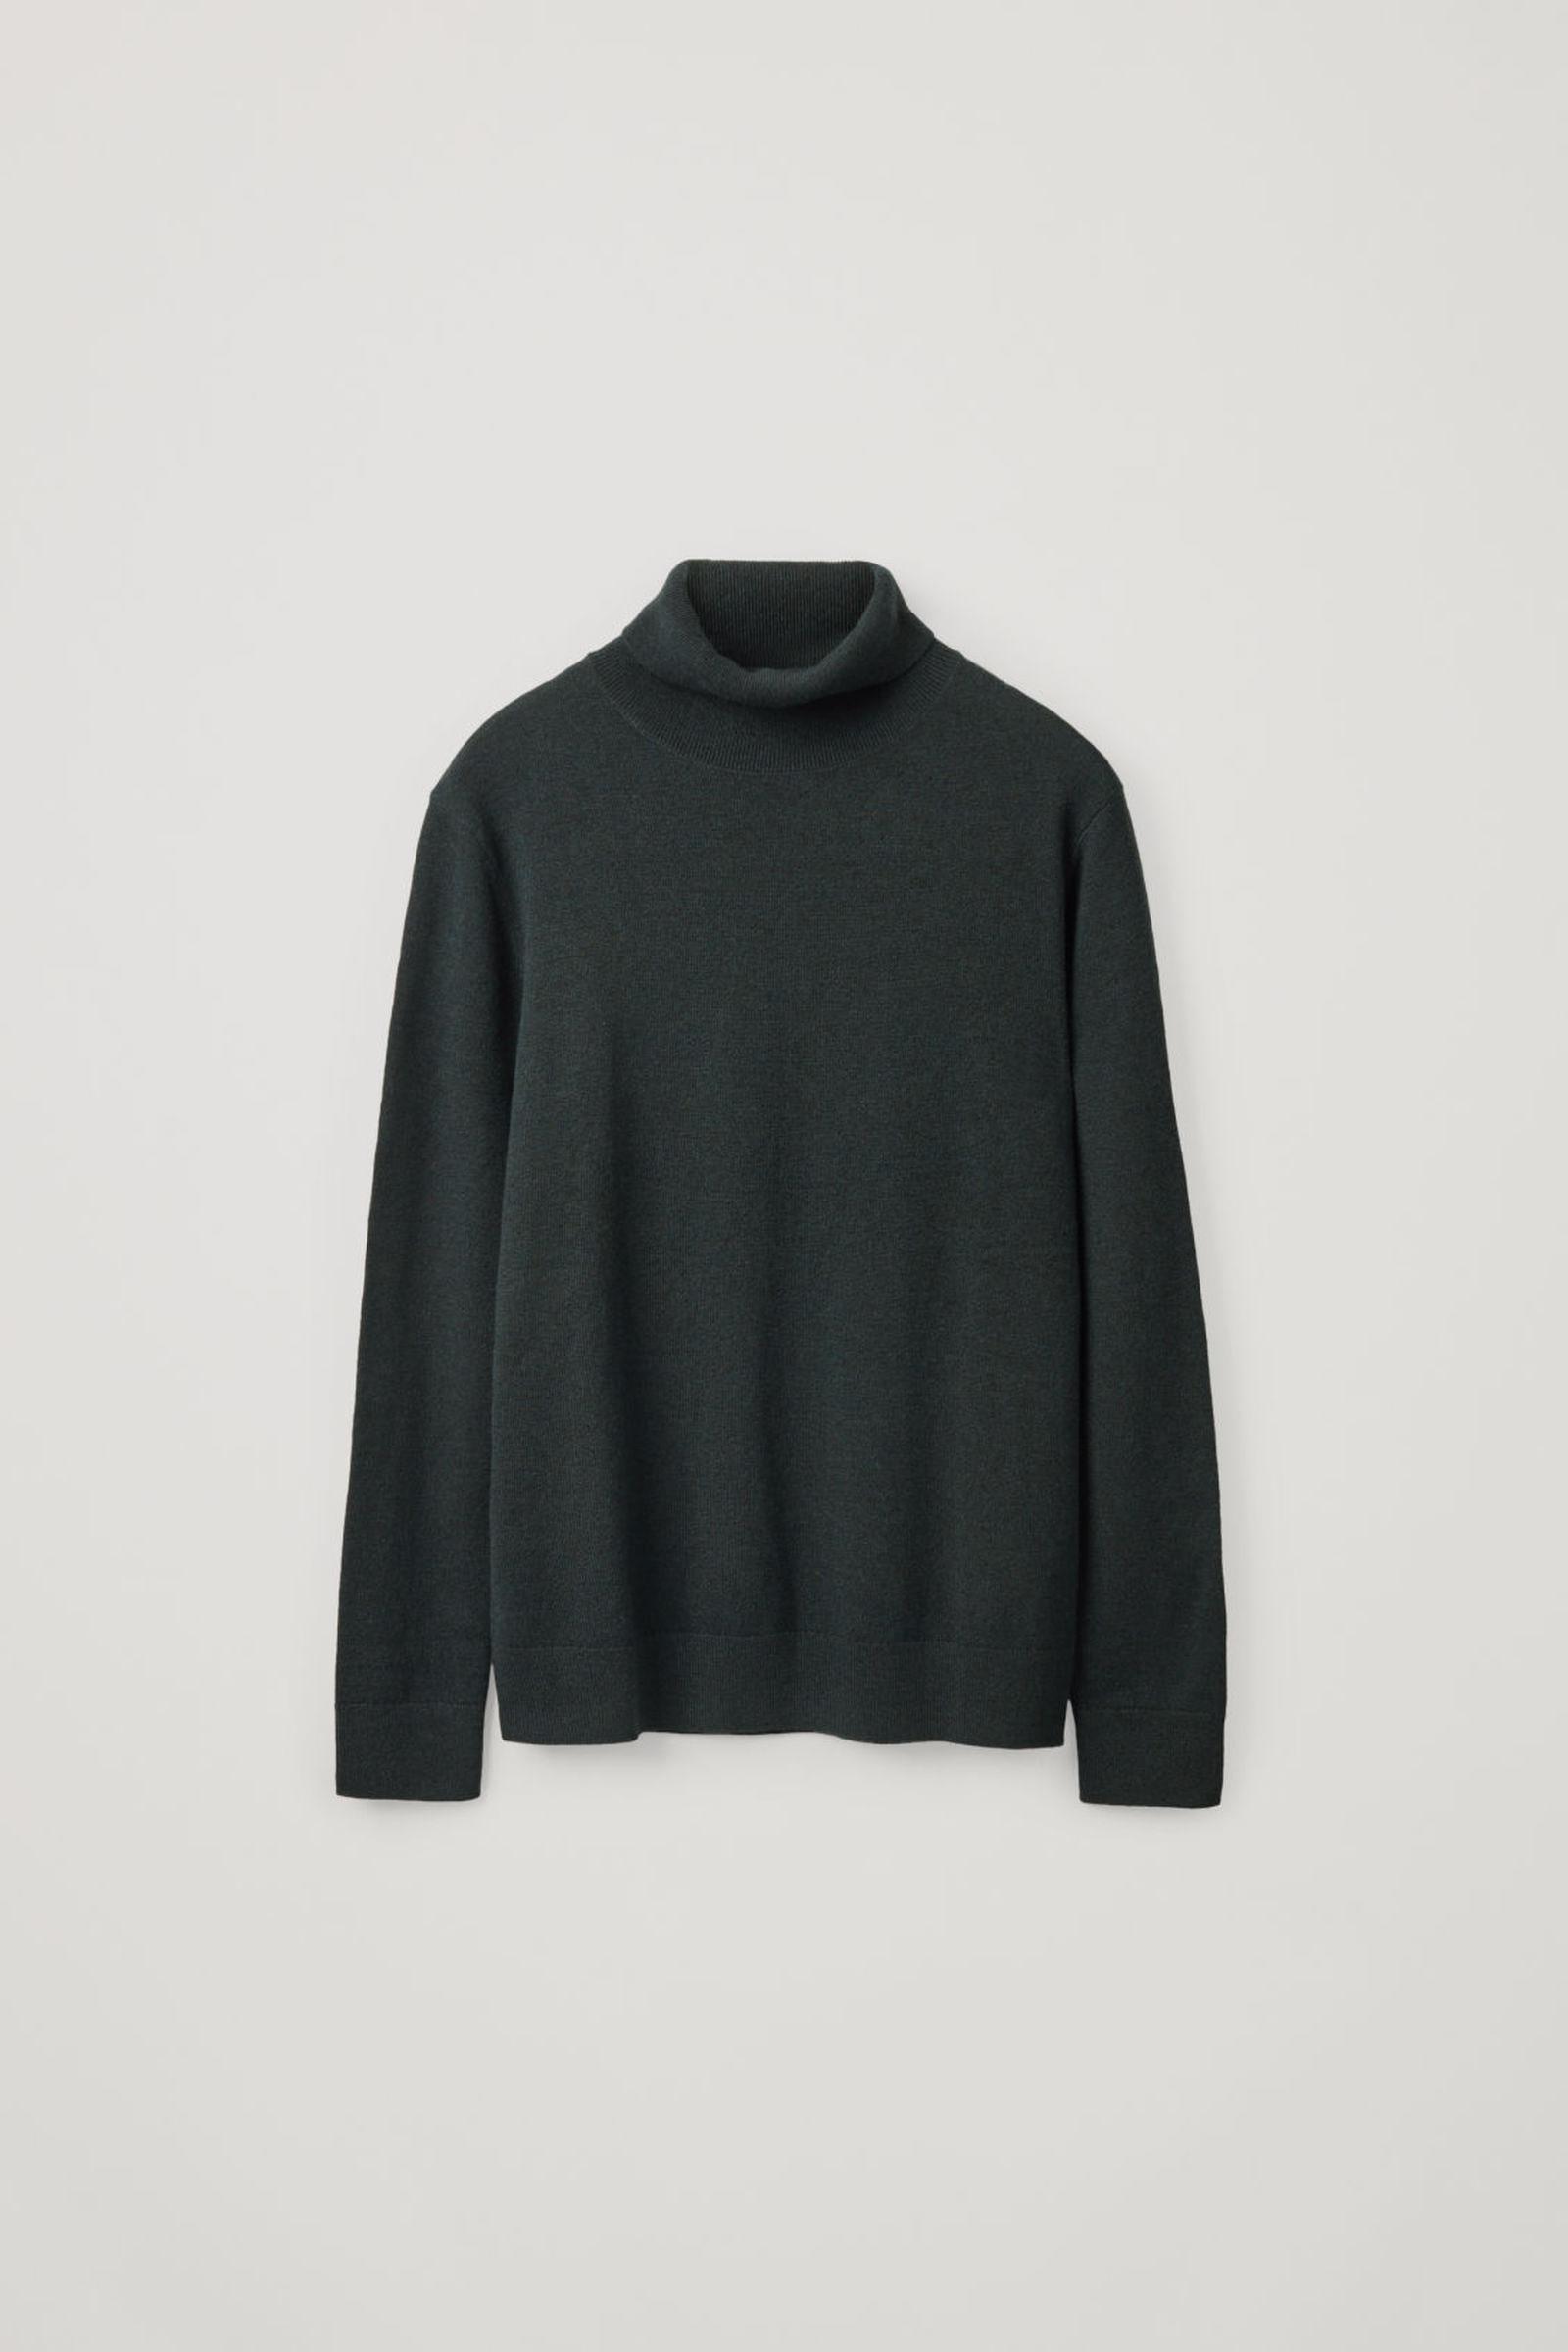 COS 메리노 야크 롤넥 스웨터의 포레스트 그린컬러 Product입니다.